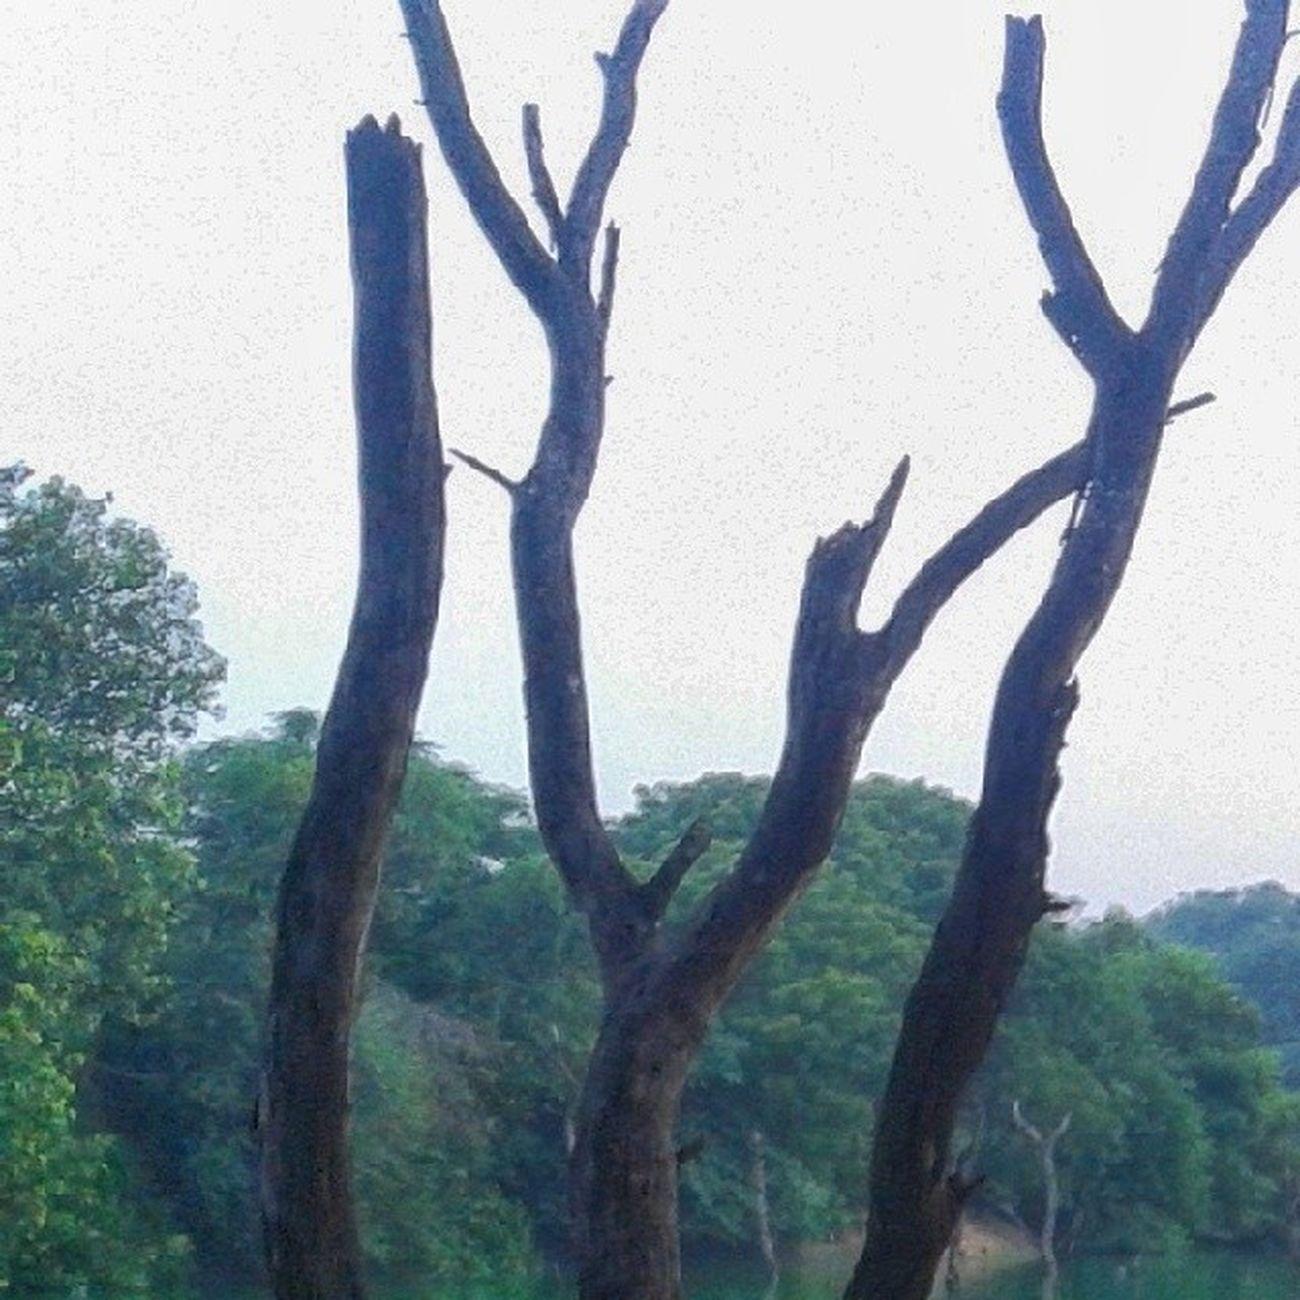 Hauzkhasvillage Newdelhi Delhi Set of 6 pics, please see the gallery